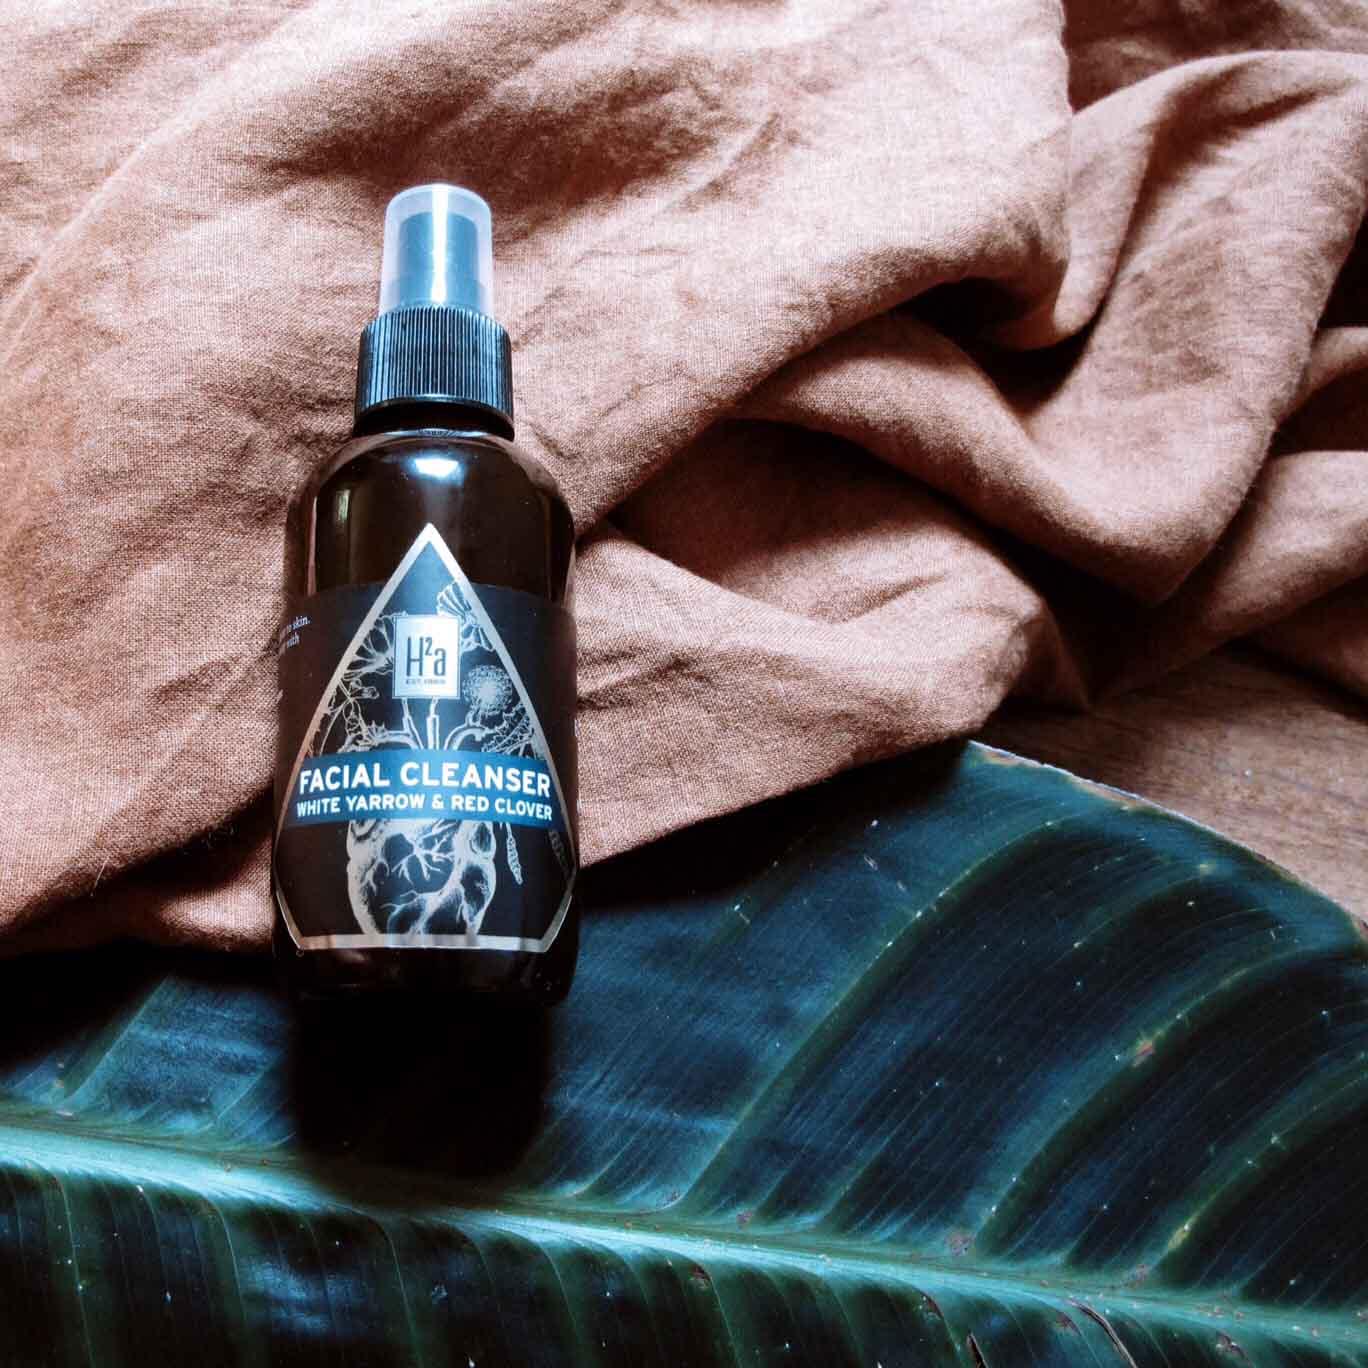 www.sarahelizabethvosper.com-H2a-Botanicals-White-Yarrow-Red-Clover-facial-cleanser-holistic-beauty-.jpg